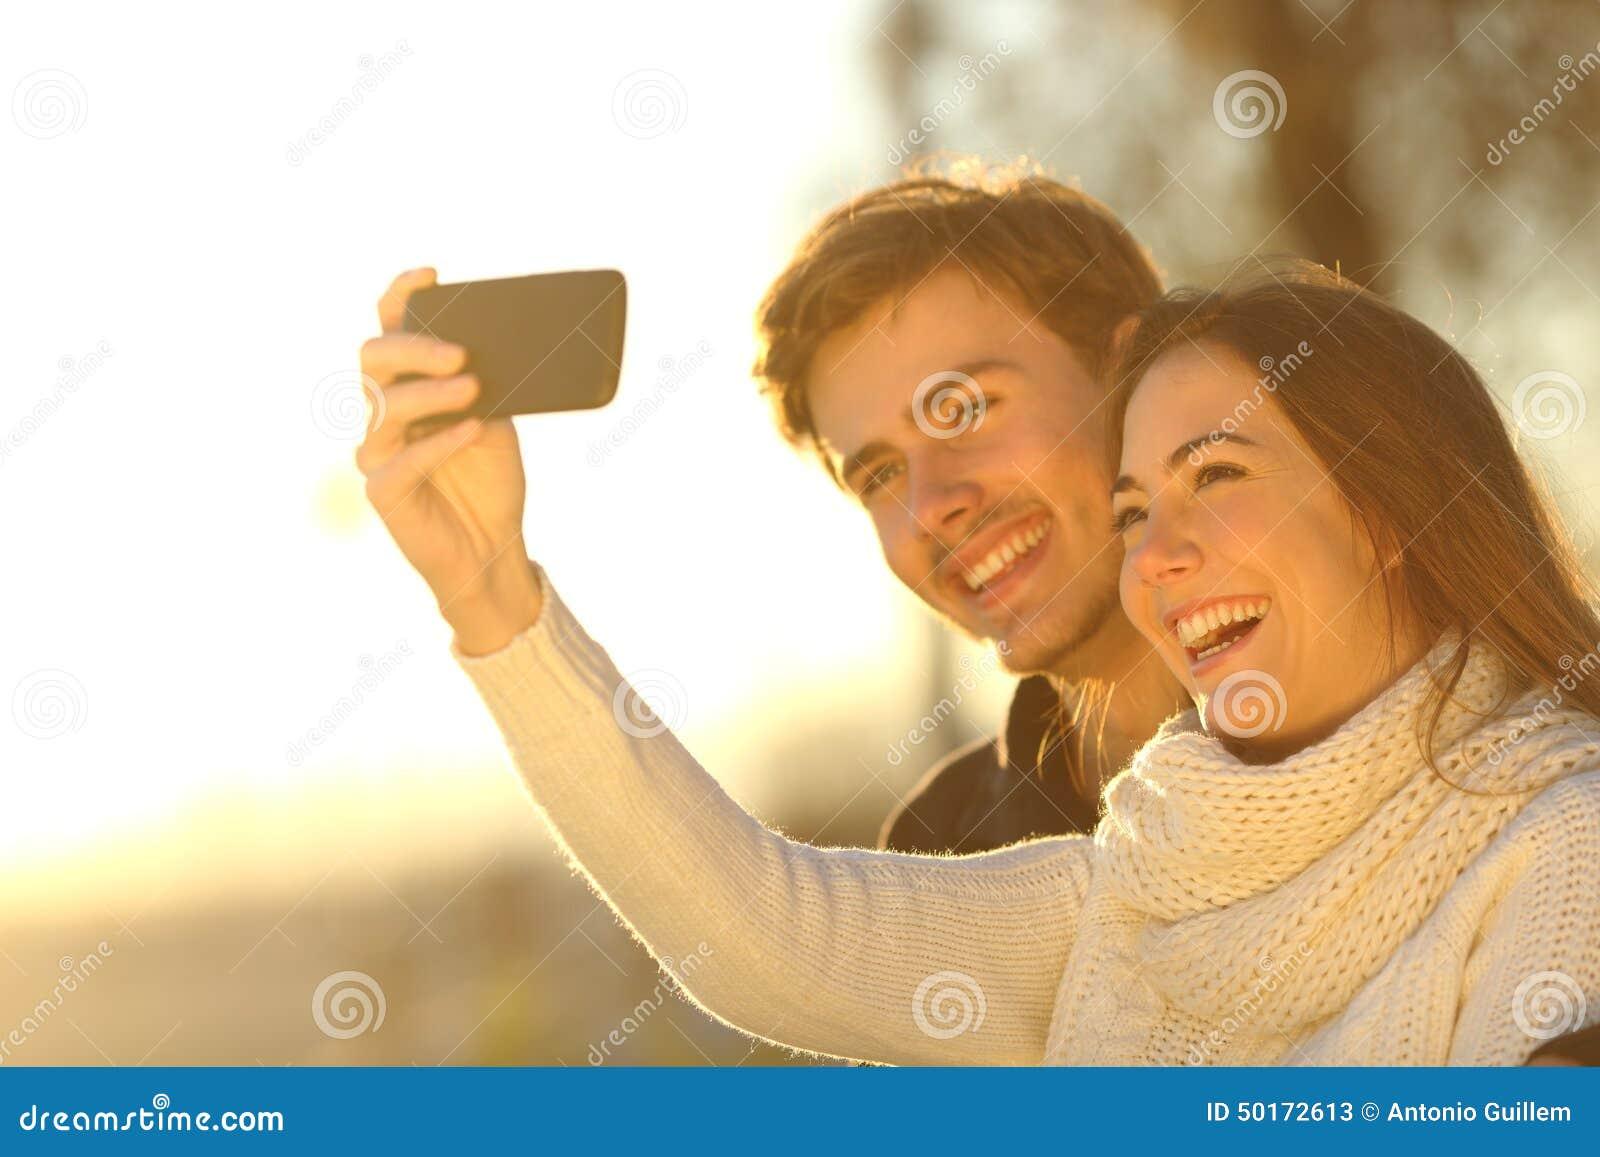 Telefon flirten kostenlos